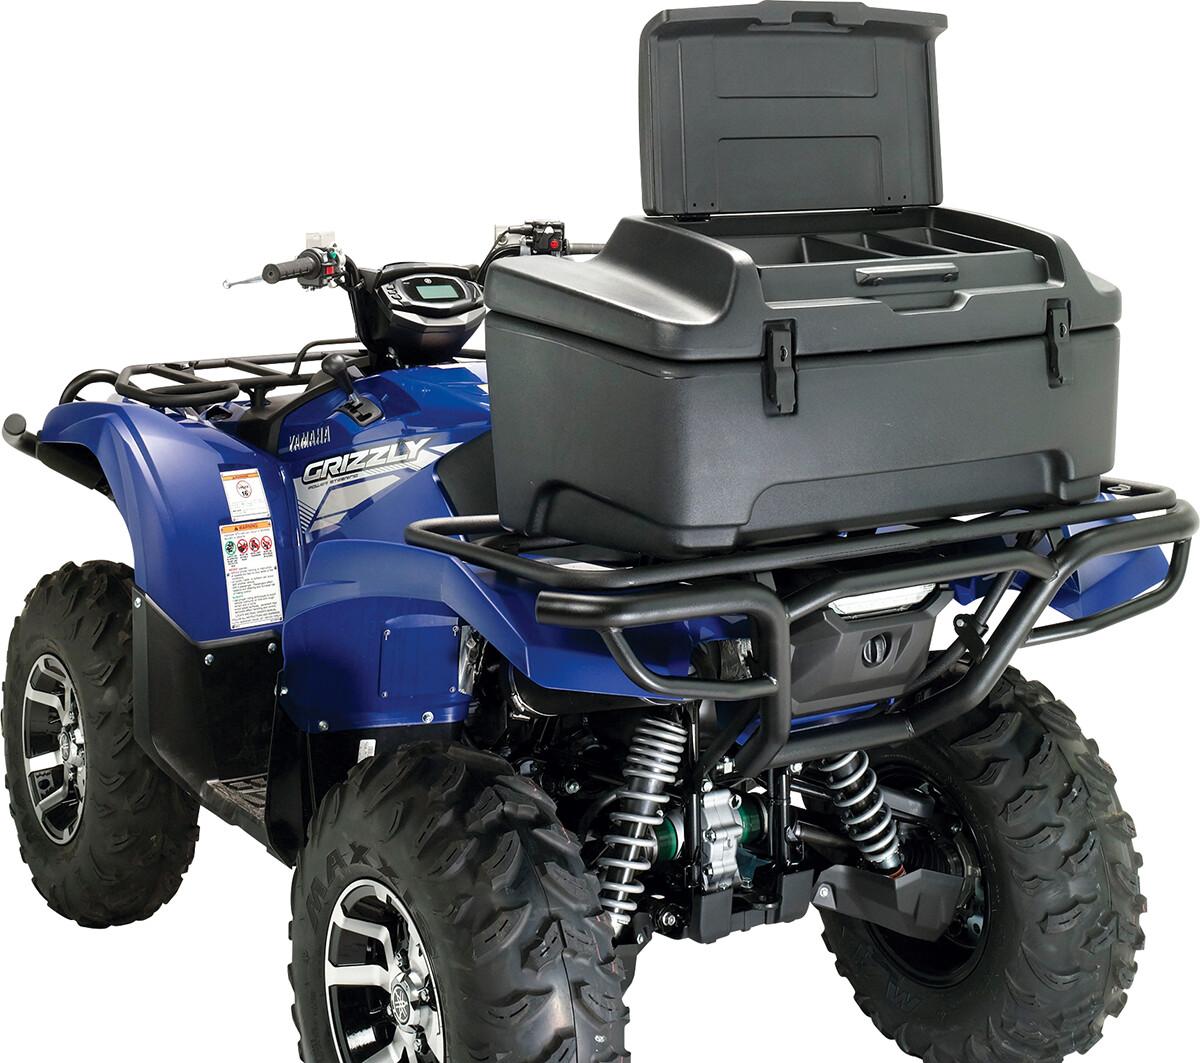 Moose ATV Two Tier Rear Storage Trunk Box (3505-0208)